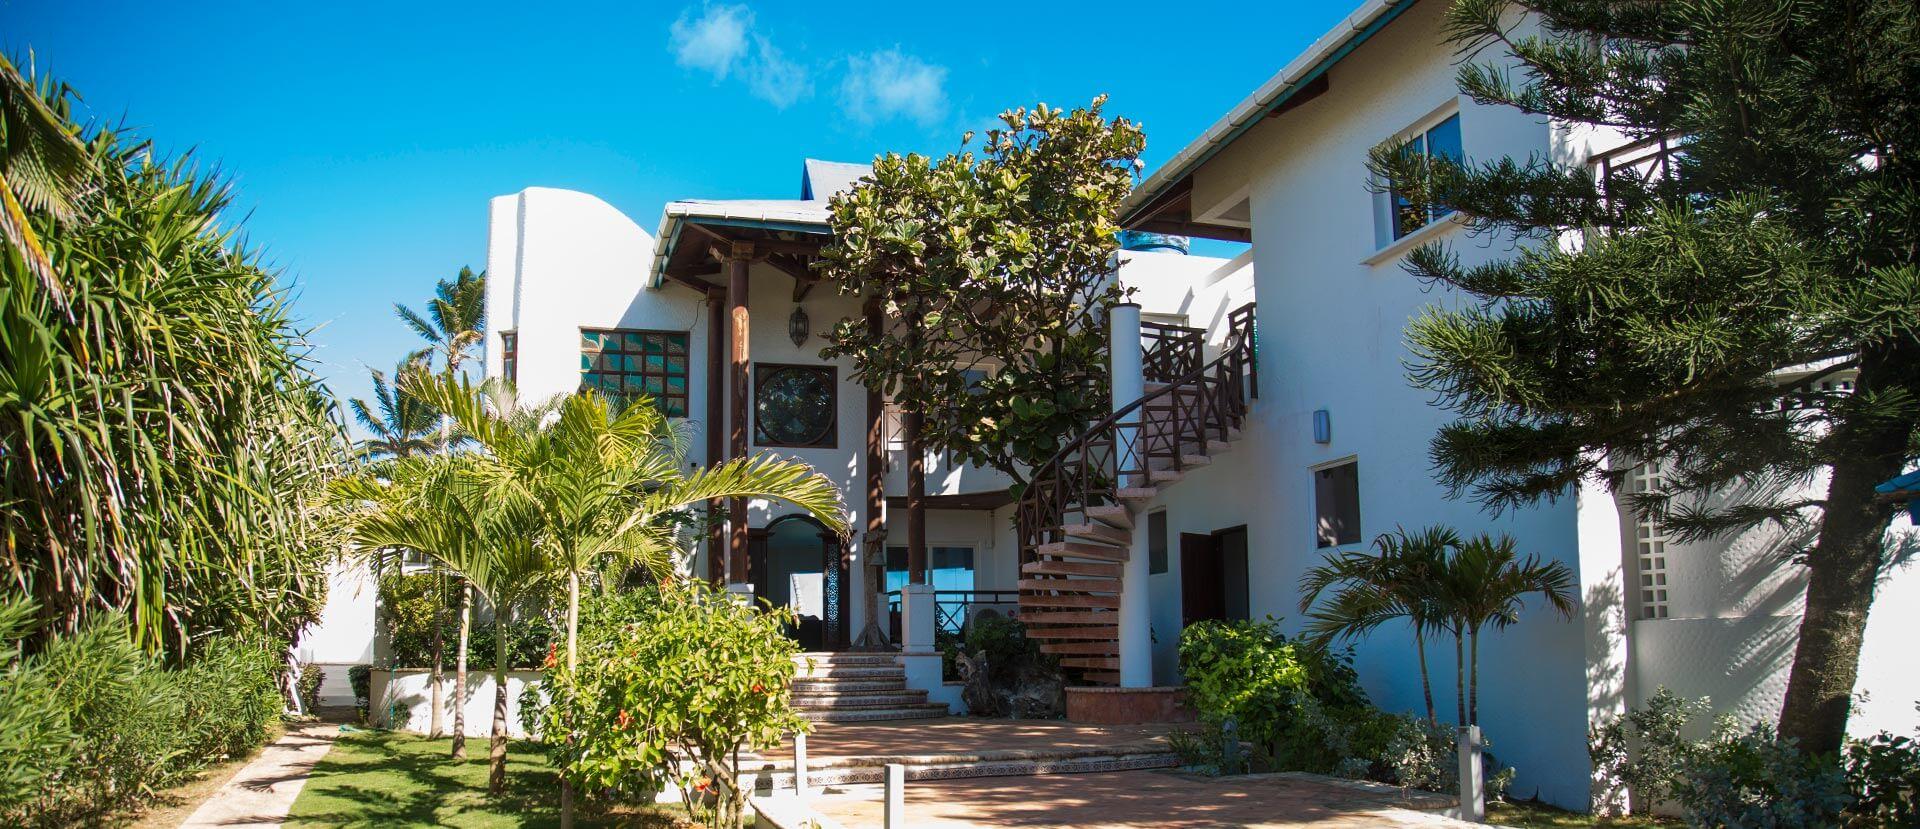 Descubre Sound Bay House en San Andrés,  Colombia